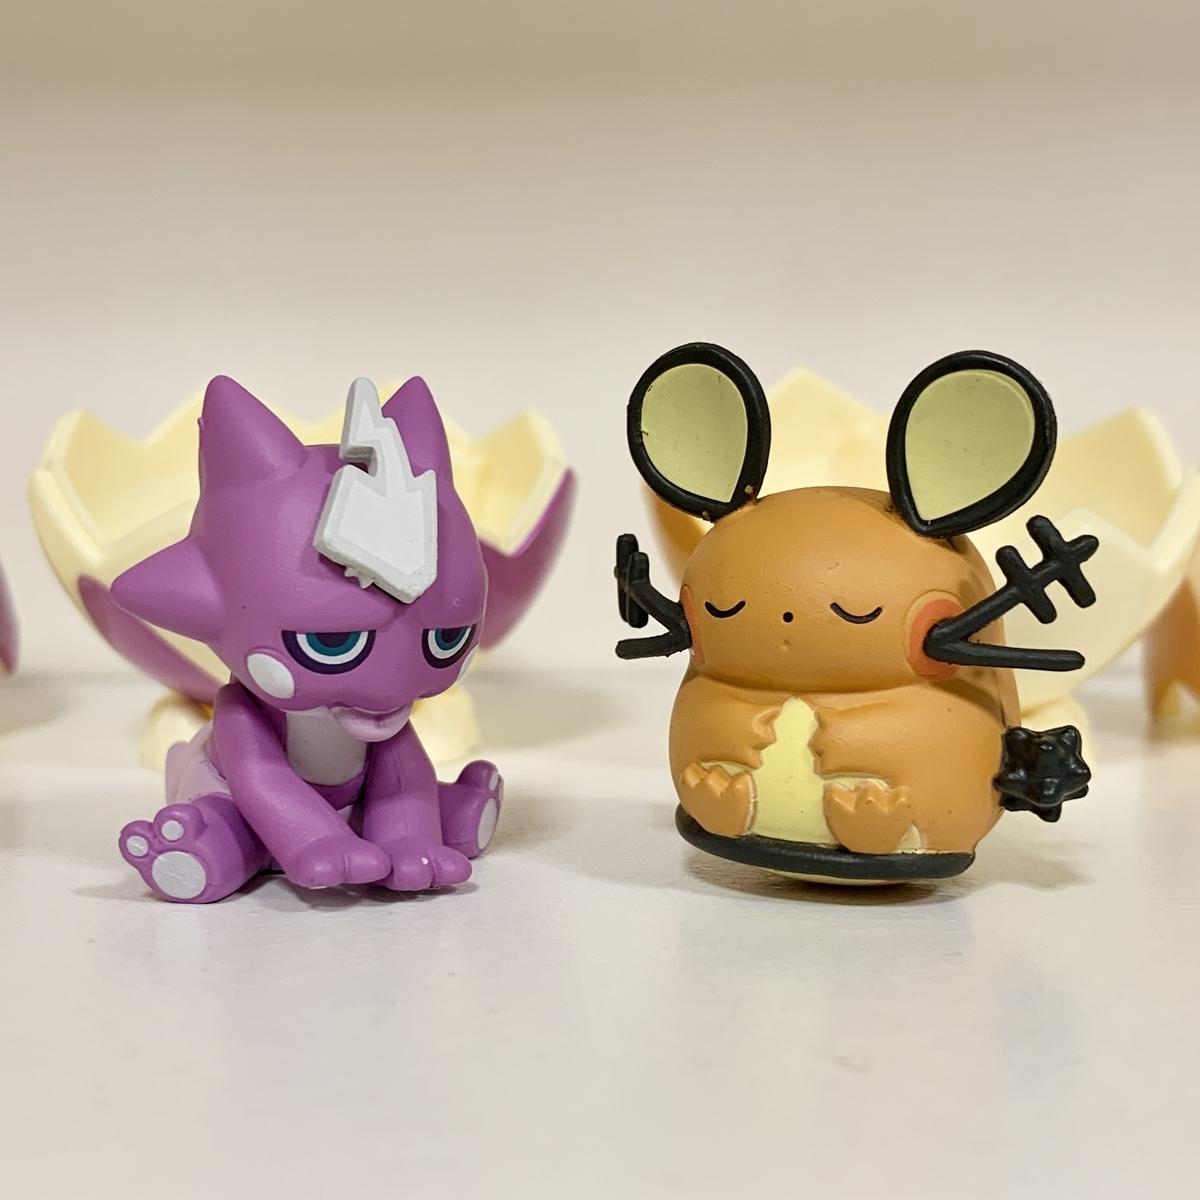 f:id:pikachu_pcn:20210528202838j:plain